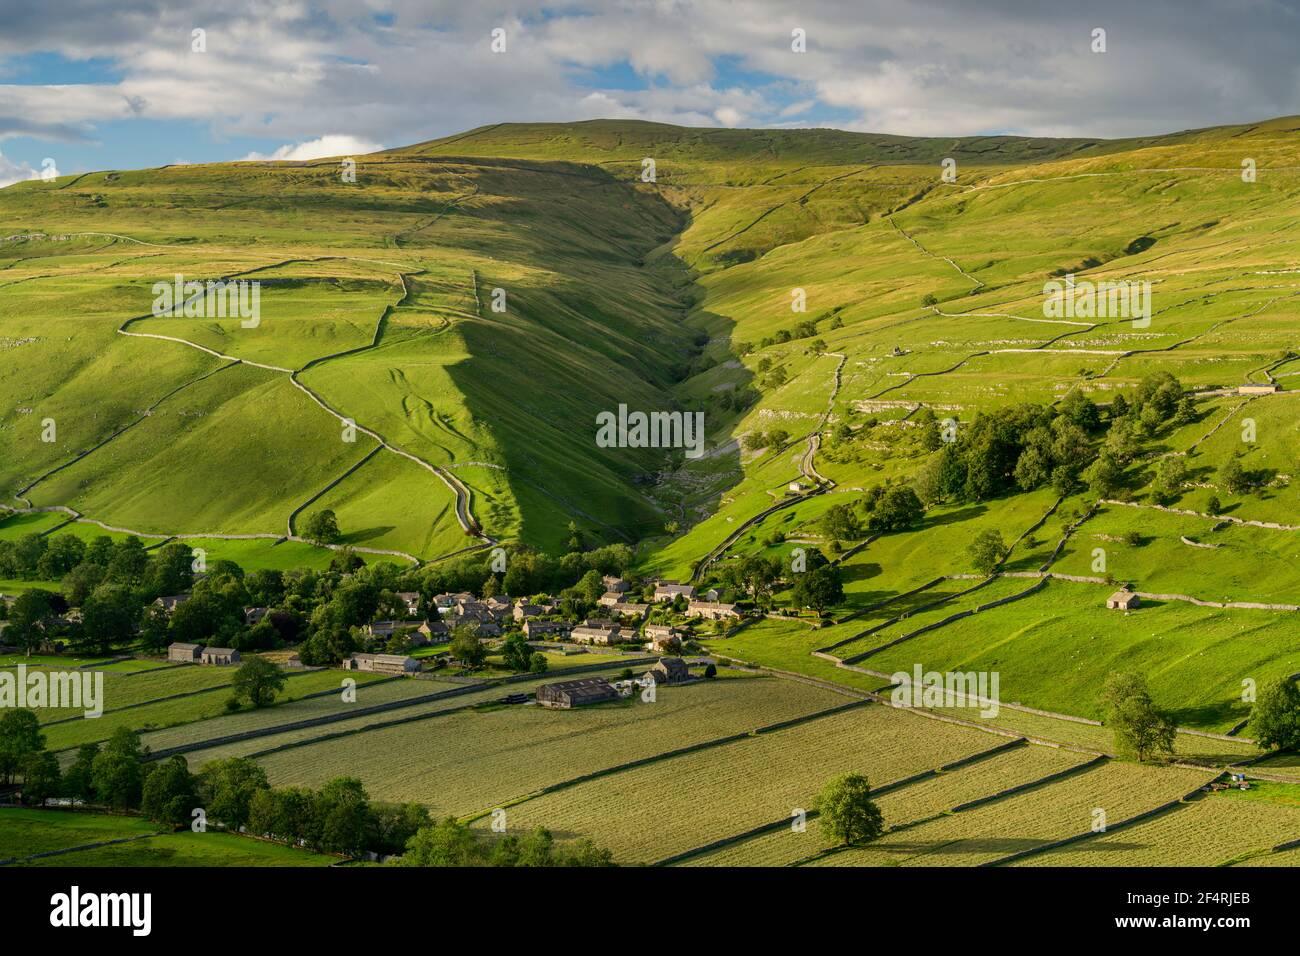 Pintoresco pueblo de Dales (casas) ubicado en el valle por paredes de piedra seca, laderas de la ladera y la garganta de Cam Gill empinada - Starbotton, Yorkshire Inglaterra, Reino Unido. Foto de stock